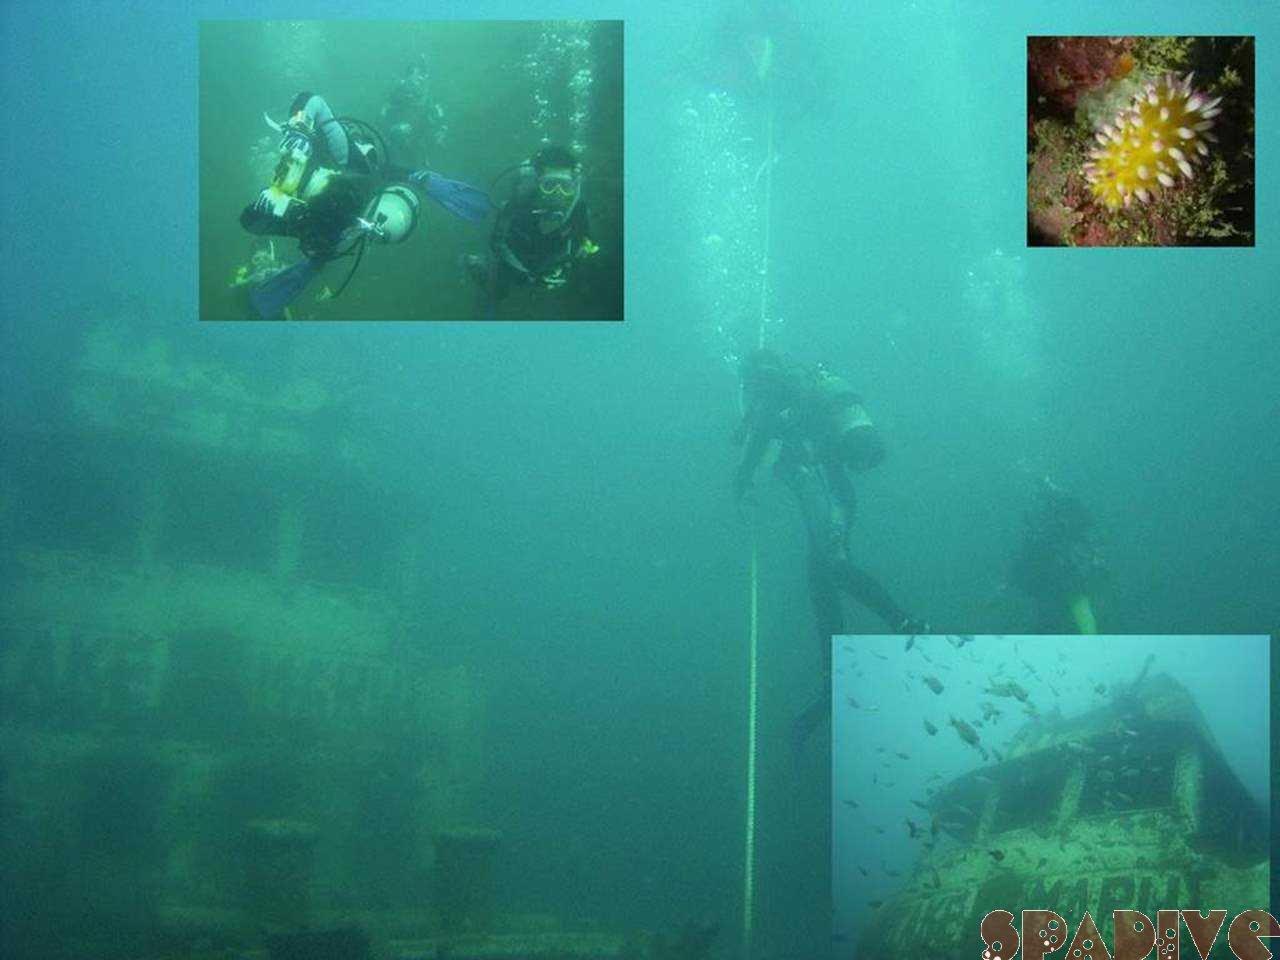 三段壁&沈船&権現崎ファンダイビング|AOW&DM|9/23/2005白浜